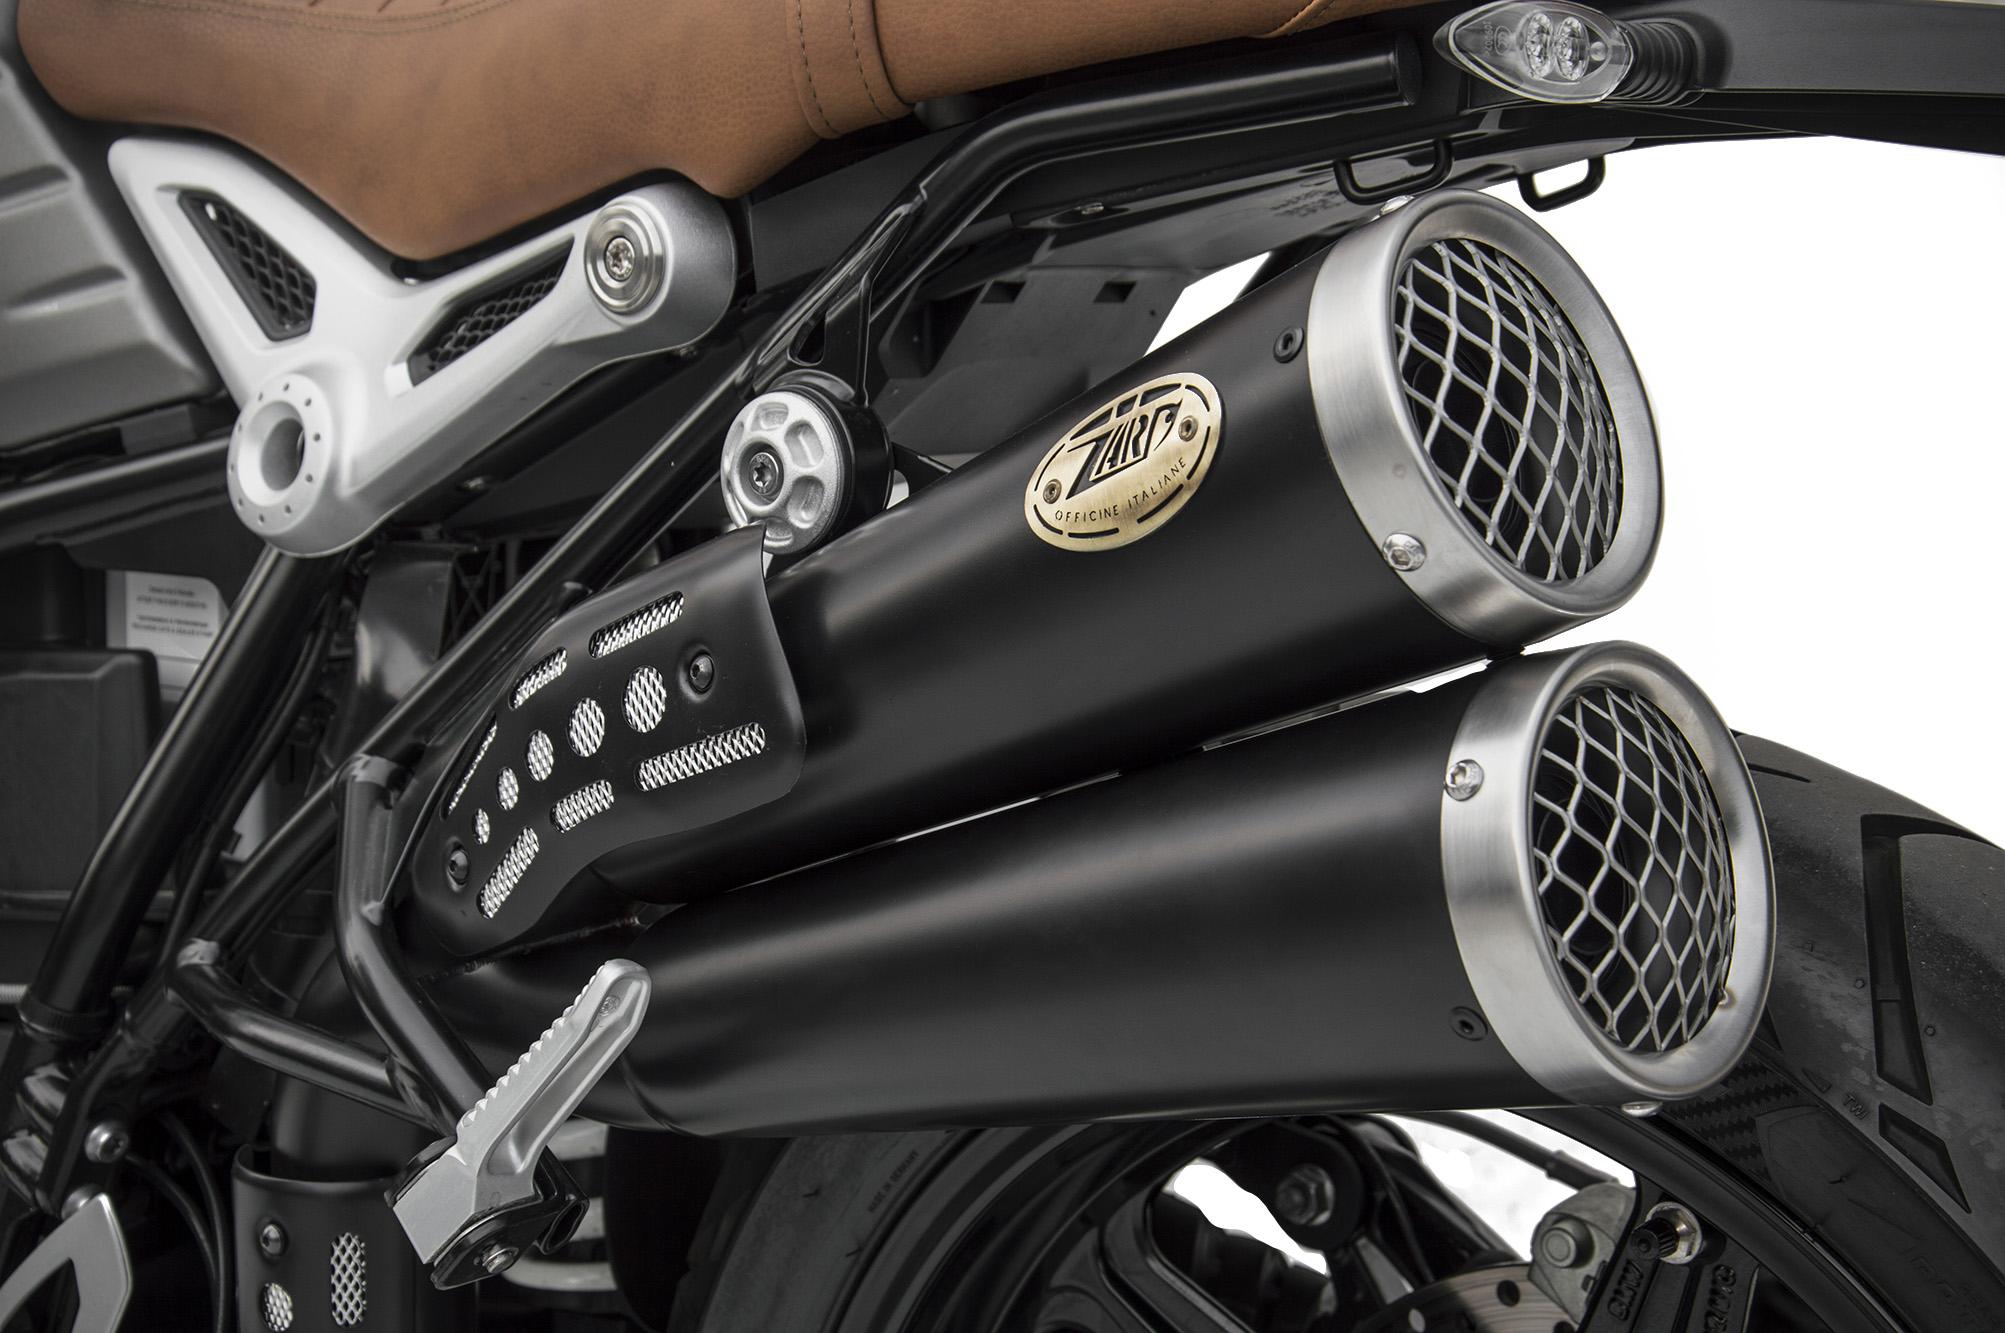 Zard Thunderbolt R9t Scrambler Exhaust Exhaust Bmw R9t Classicbike Raisch